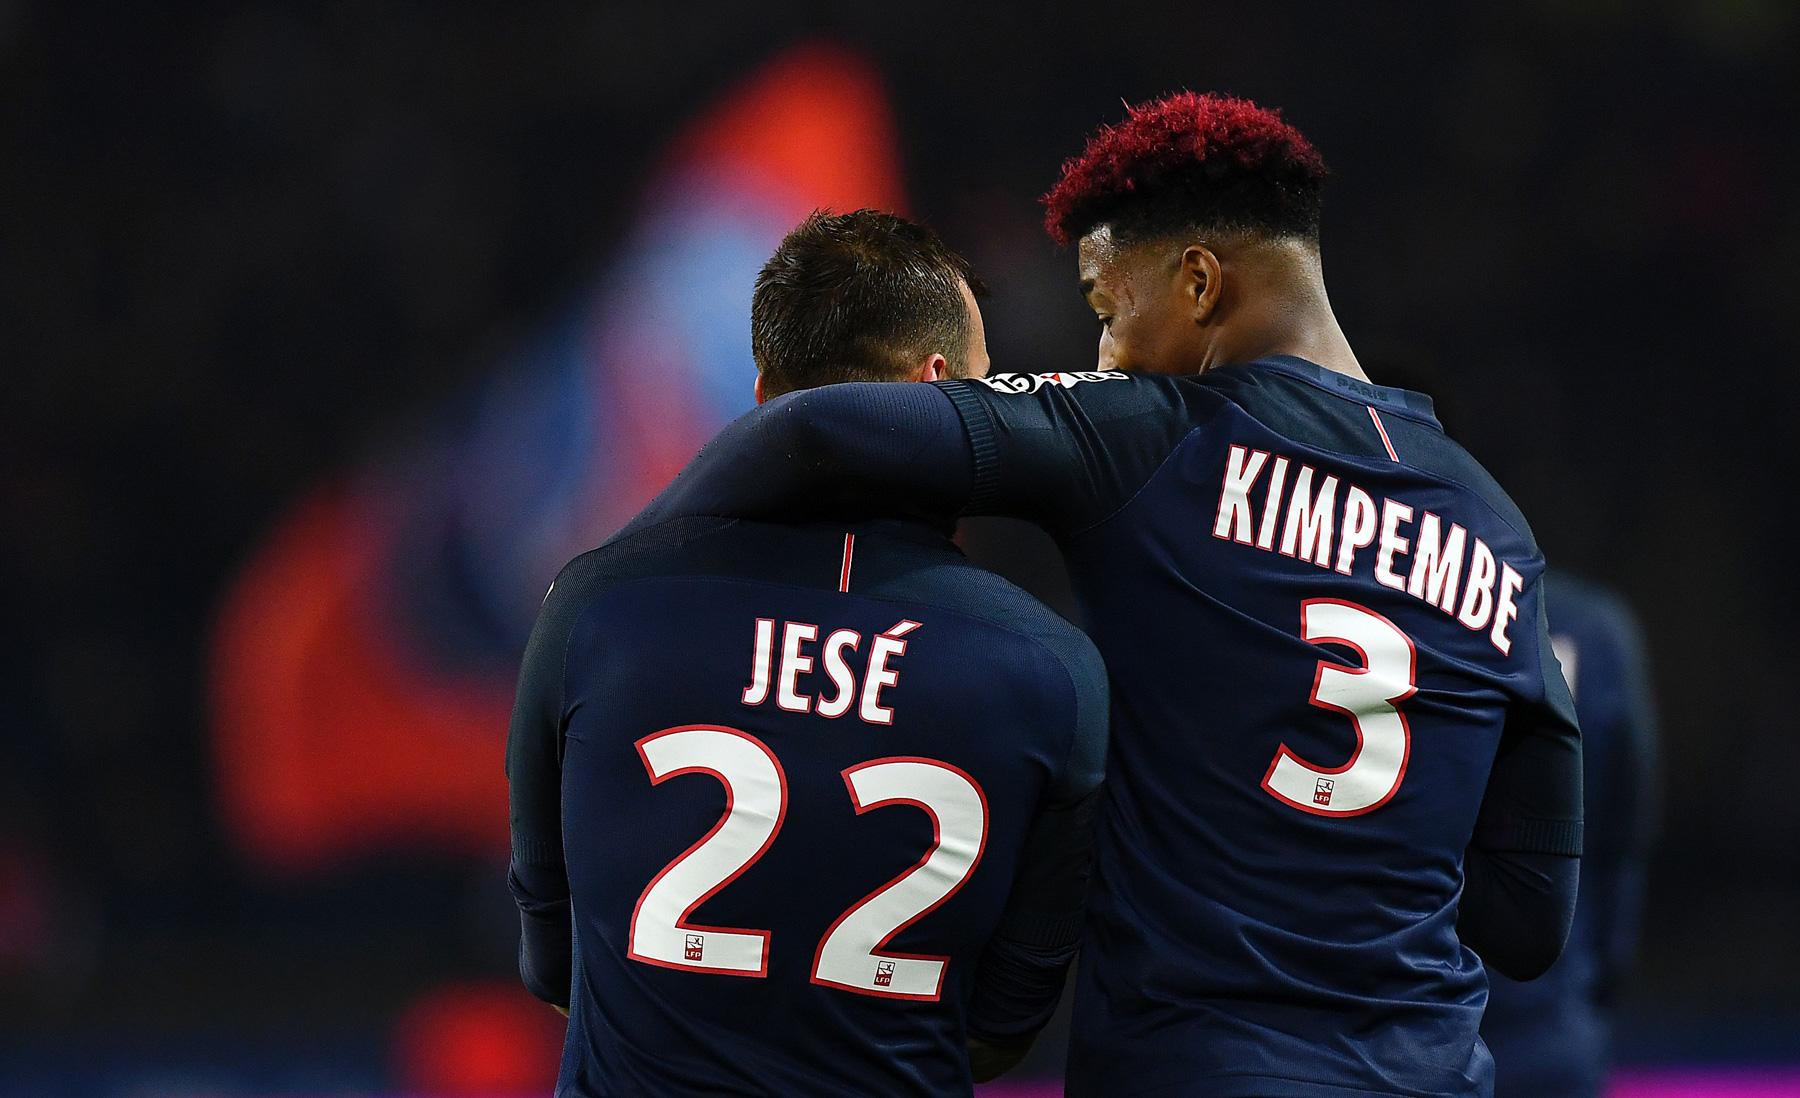 Jese and Presnel Kimpembe